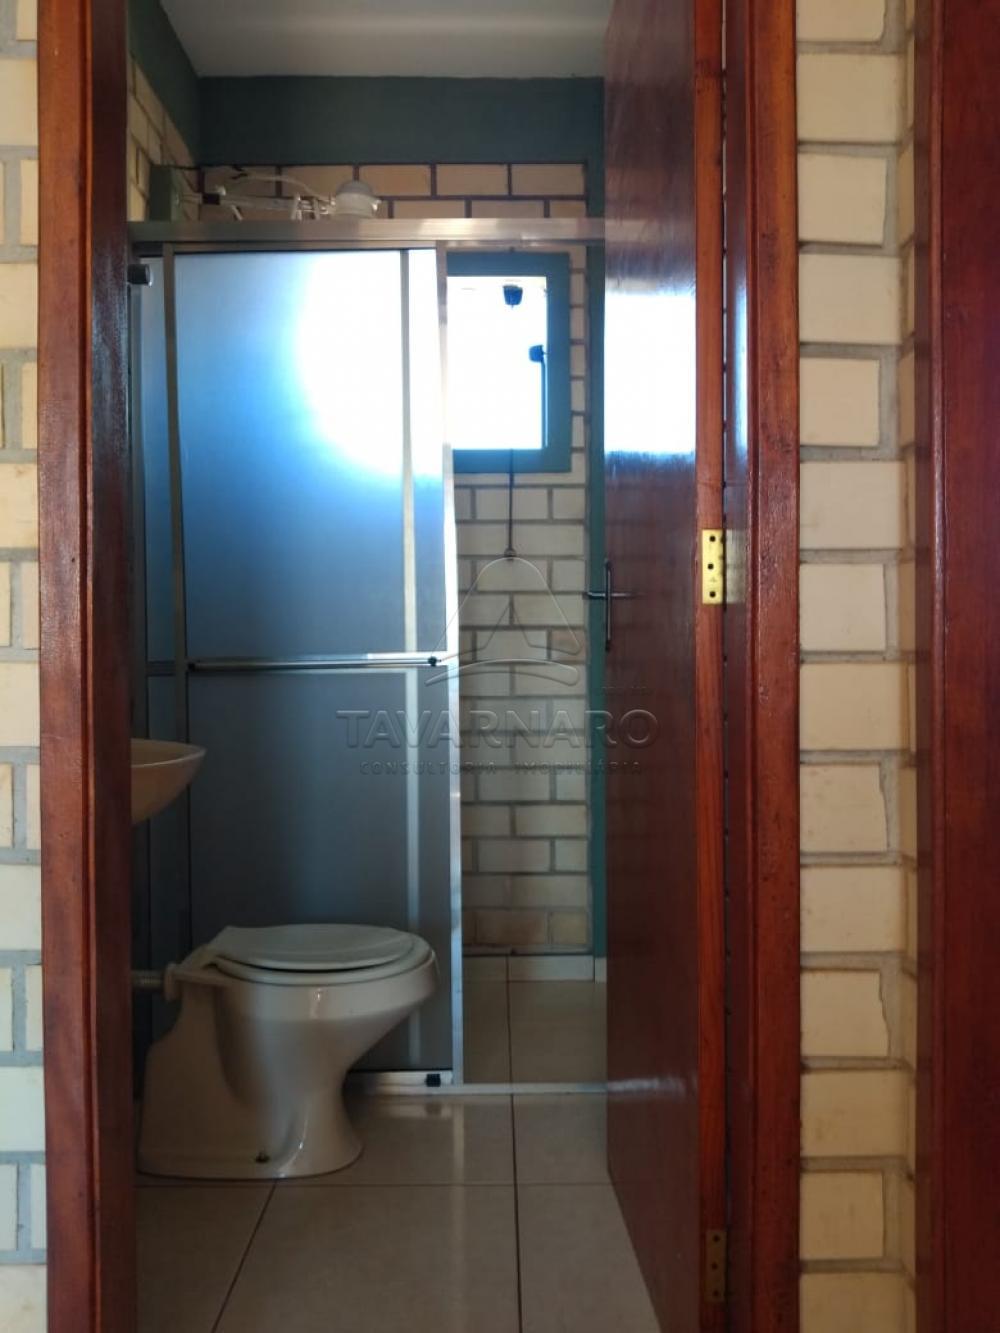 Alugar Apartamento / Padrão em Ponta Grossa apenas R$ 480,00 - Foto 4